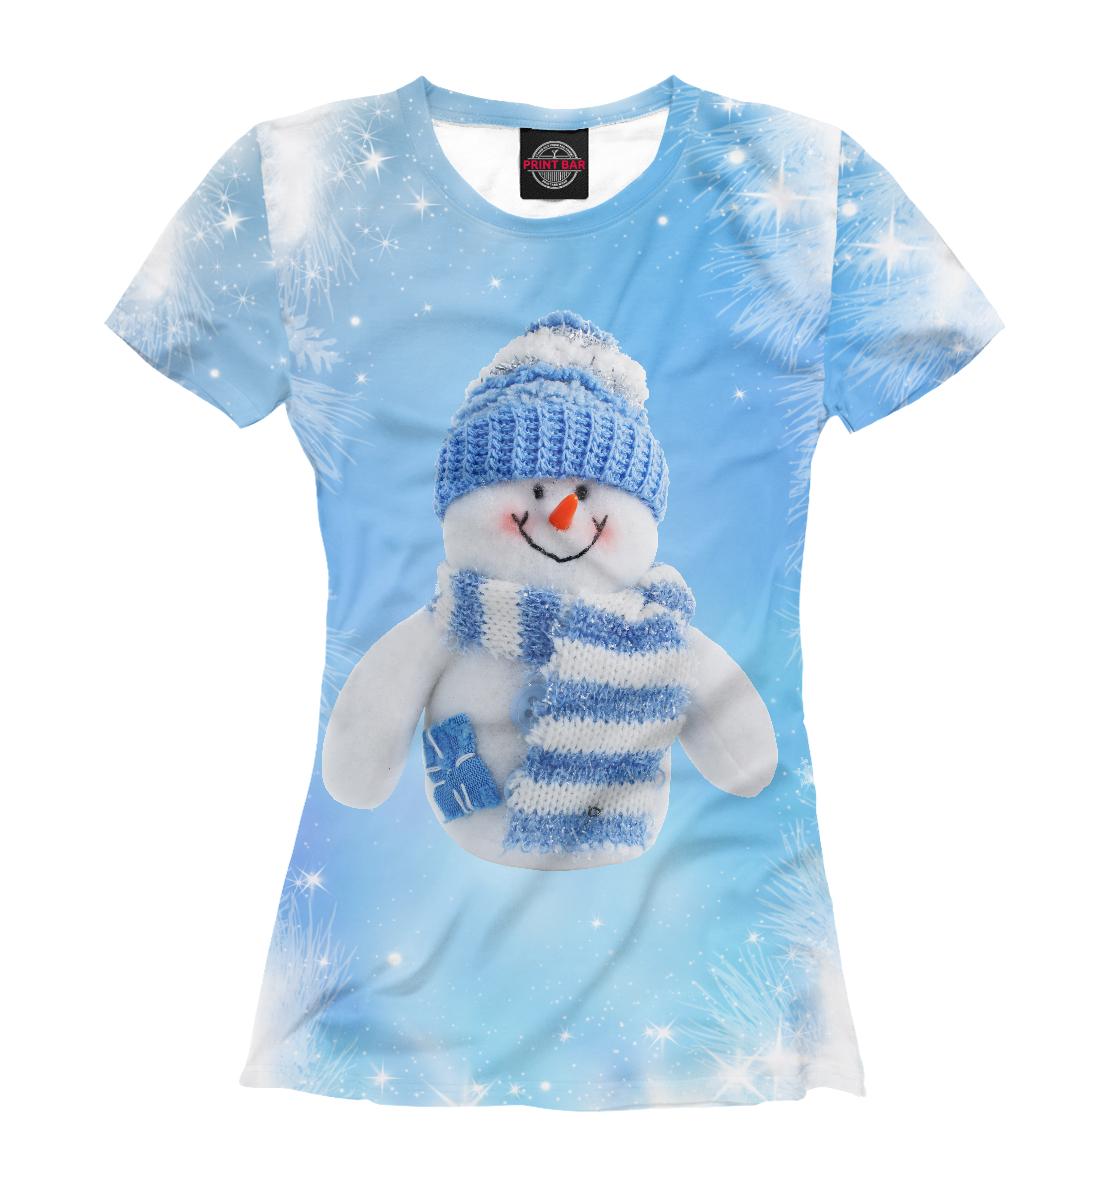 Купить Снеговик, Printbar, Футболки, NYV-271794-fut-1